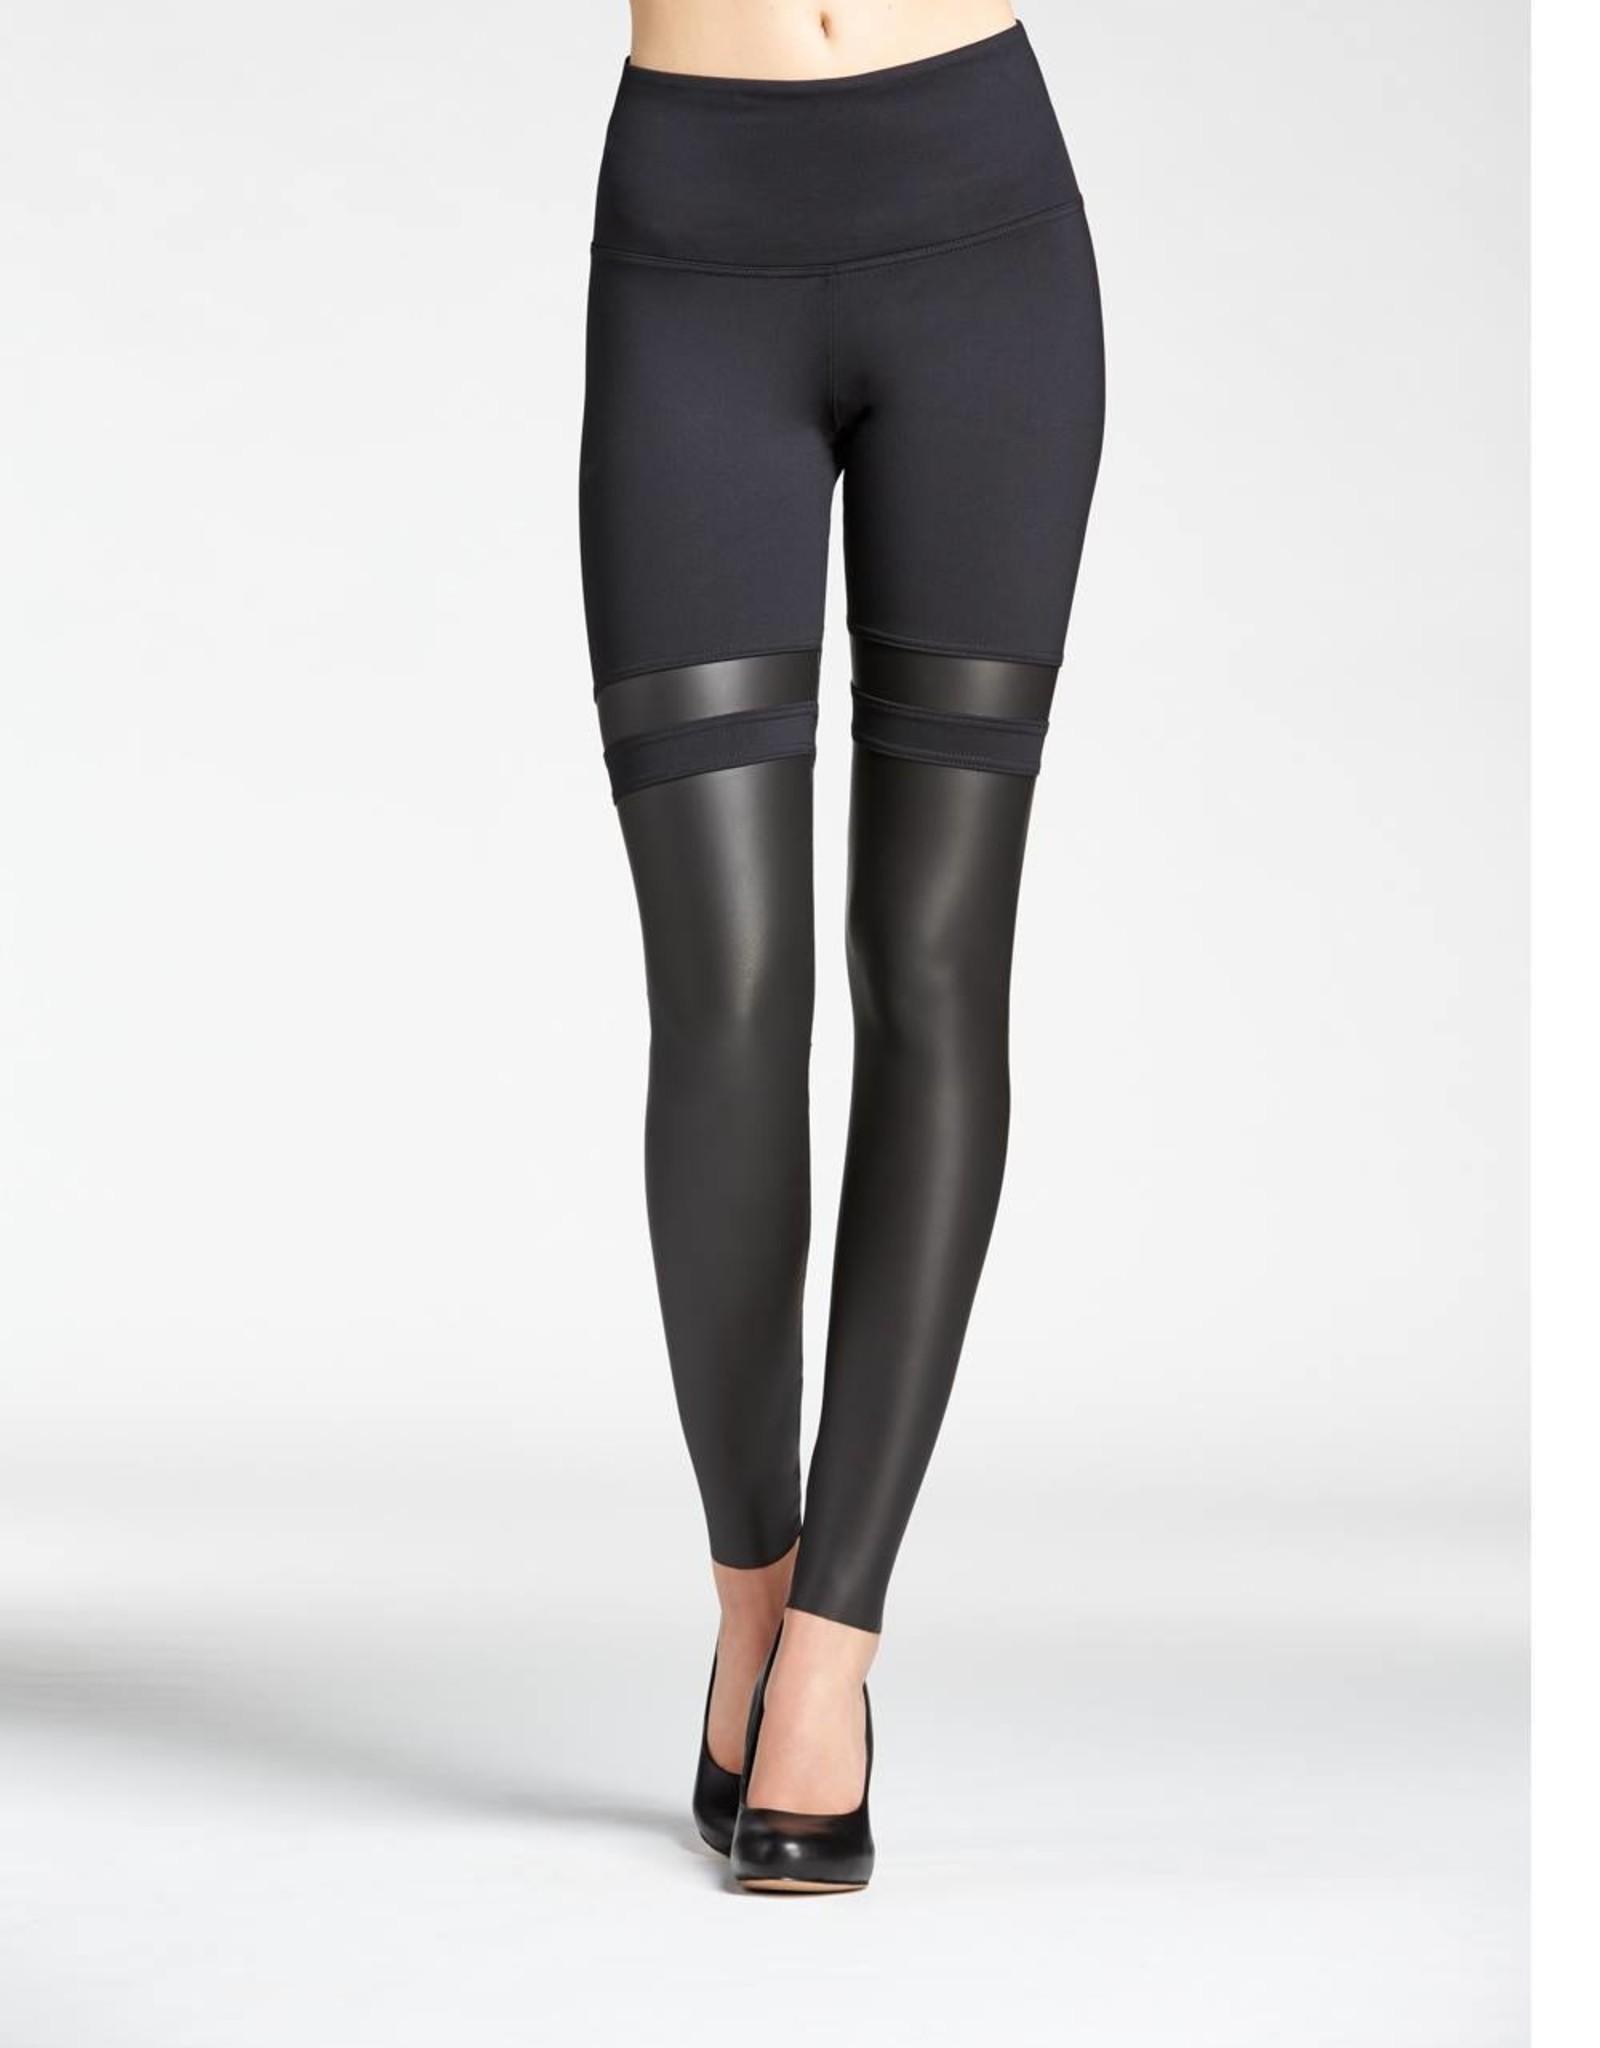 Mondor Mondor Thigh High Legging 5654